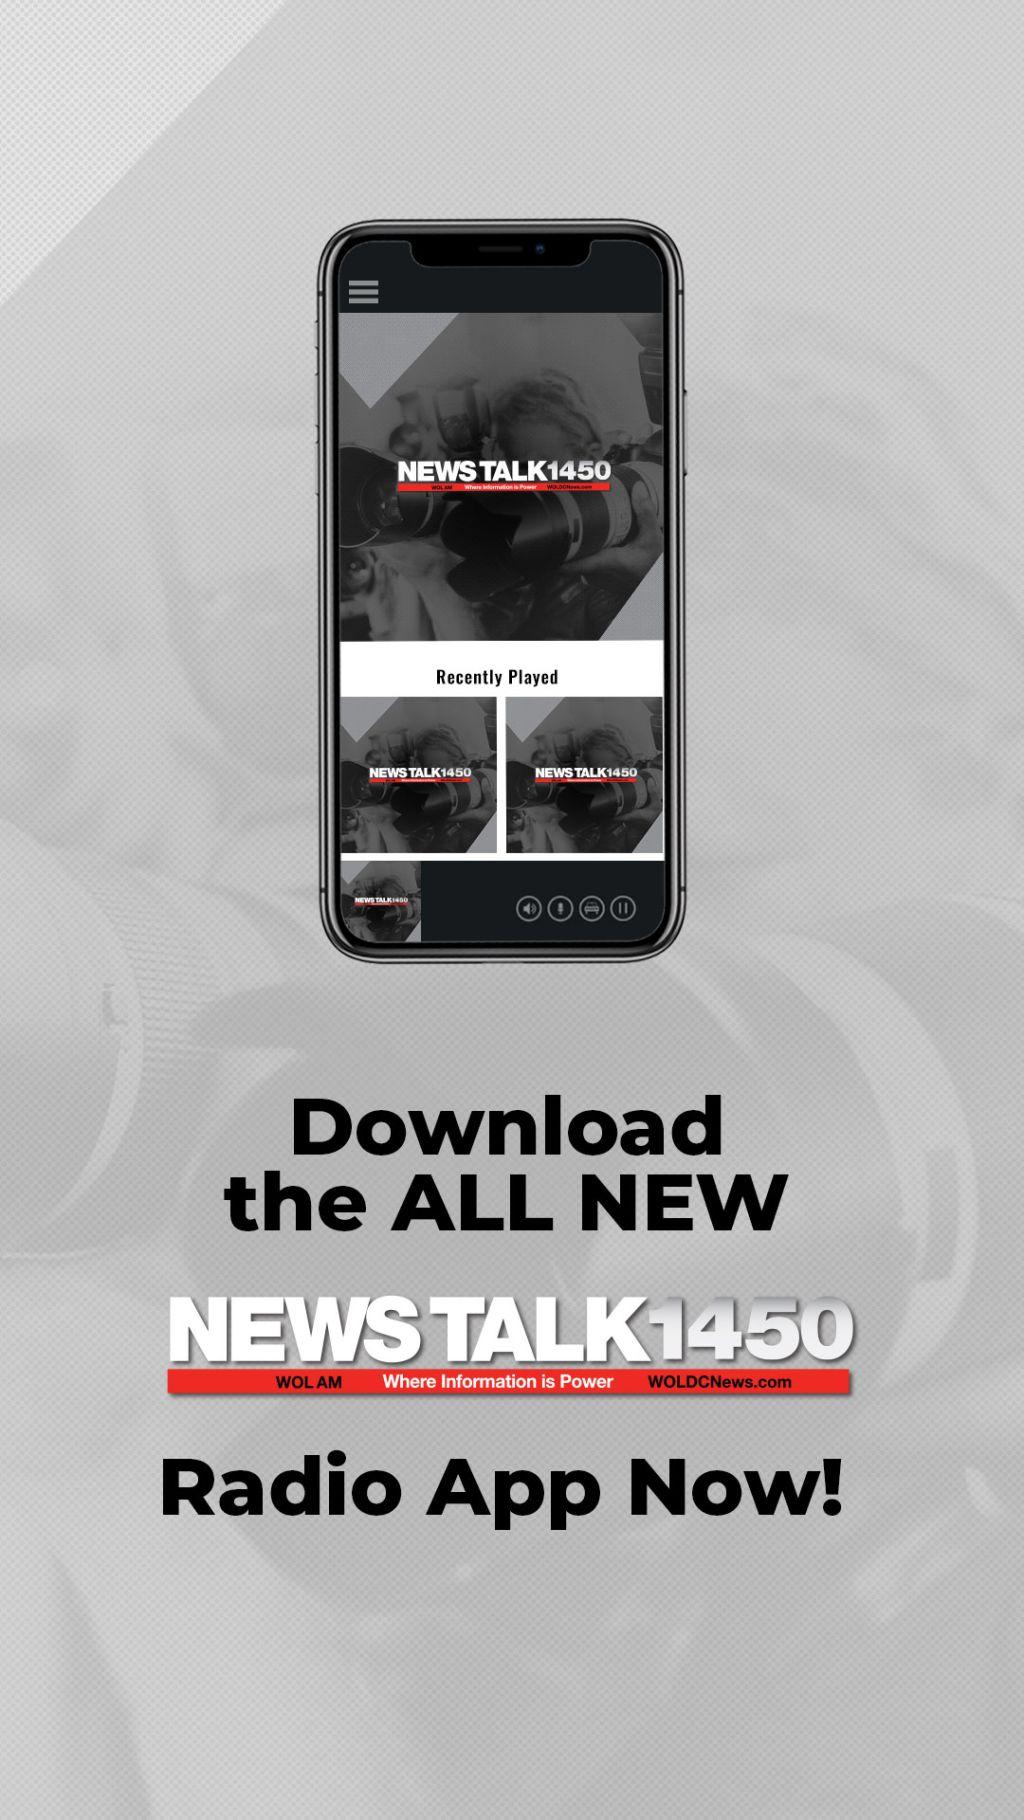 WOL News App